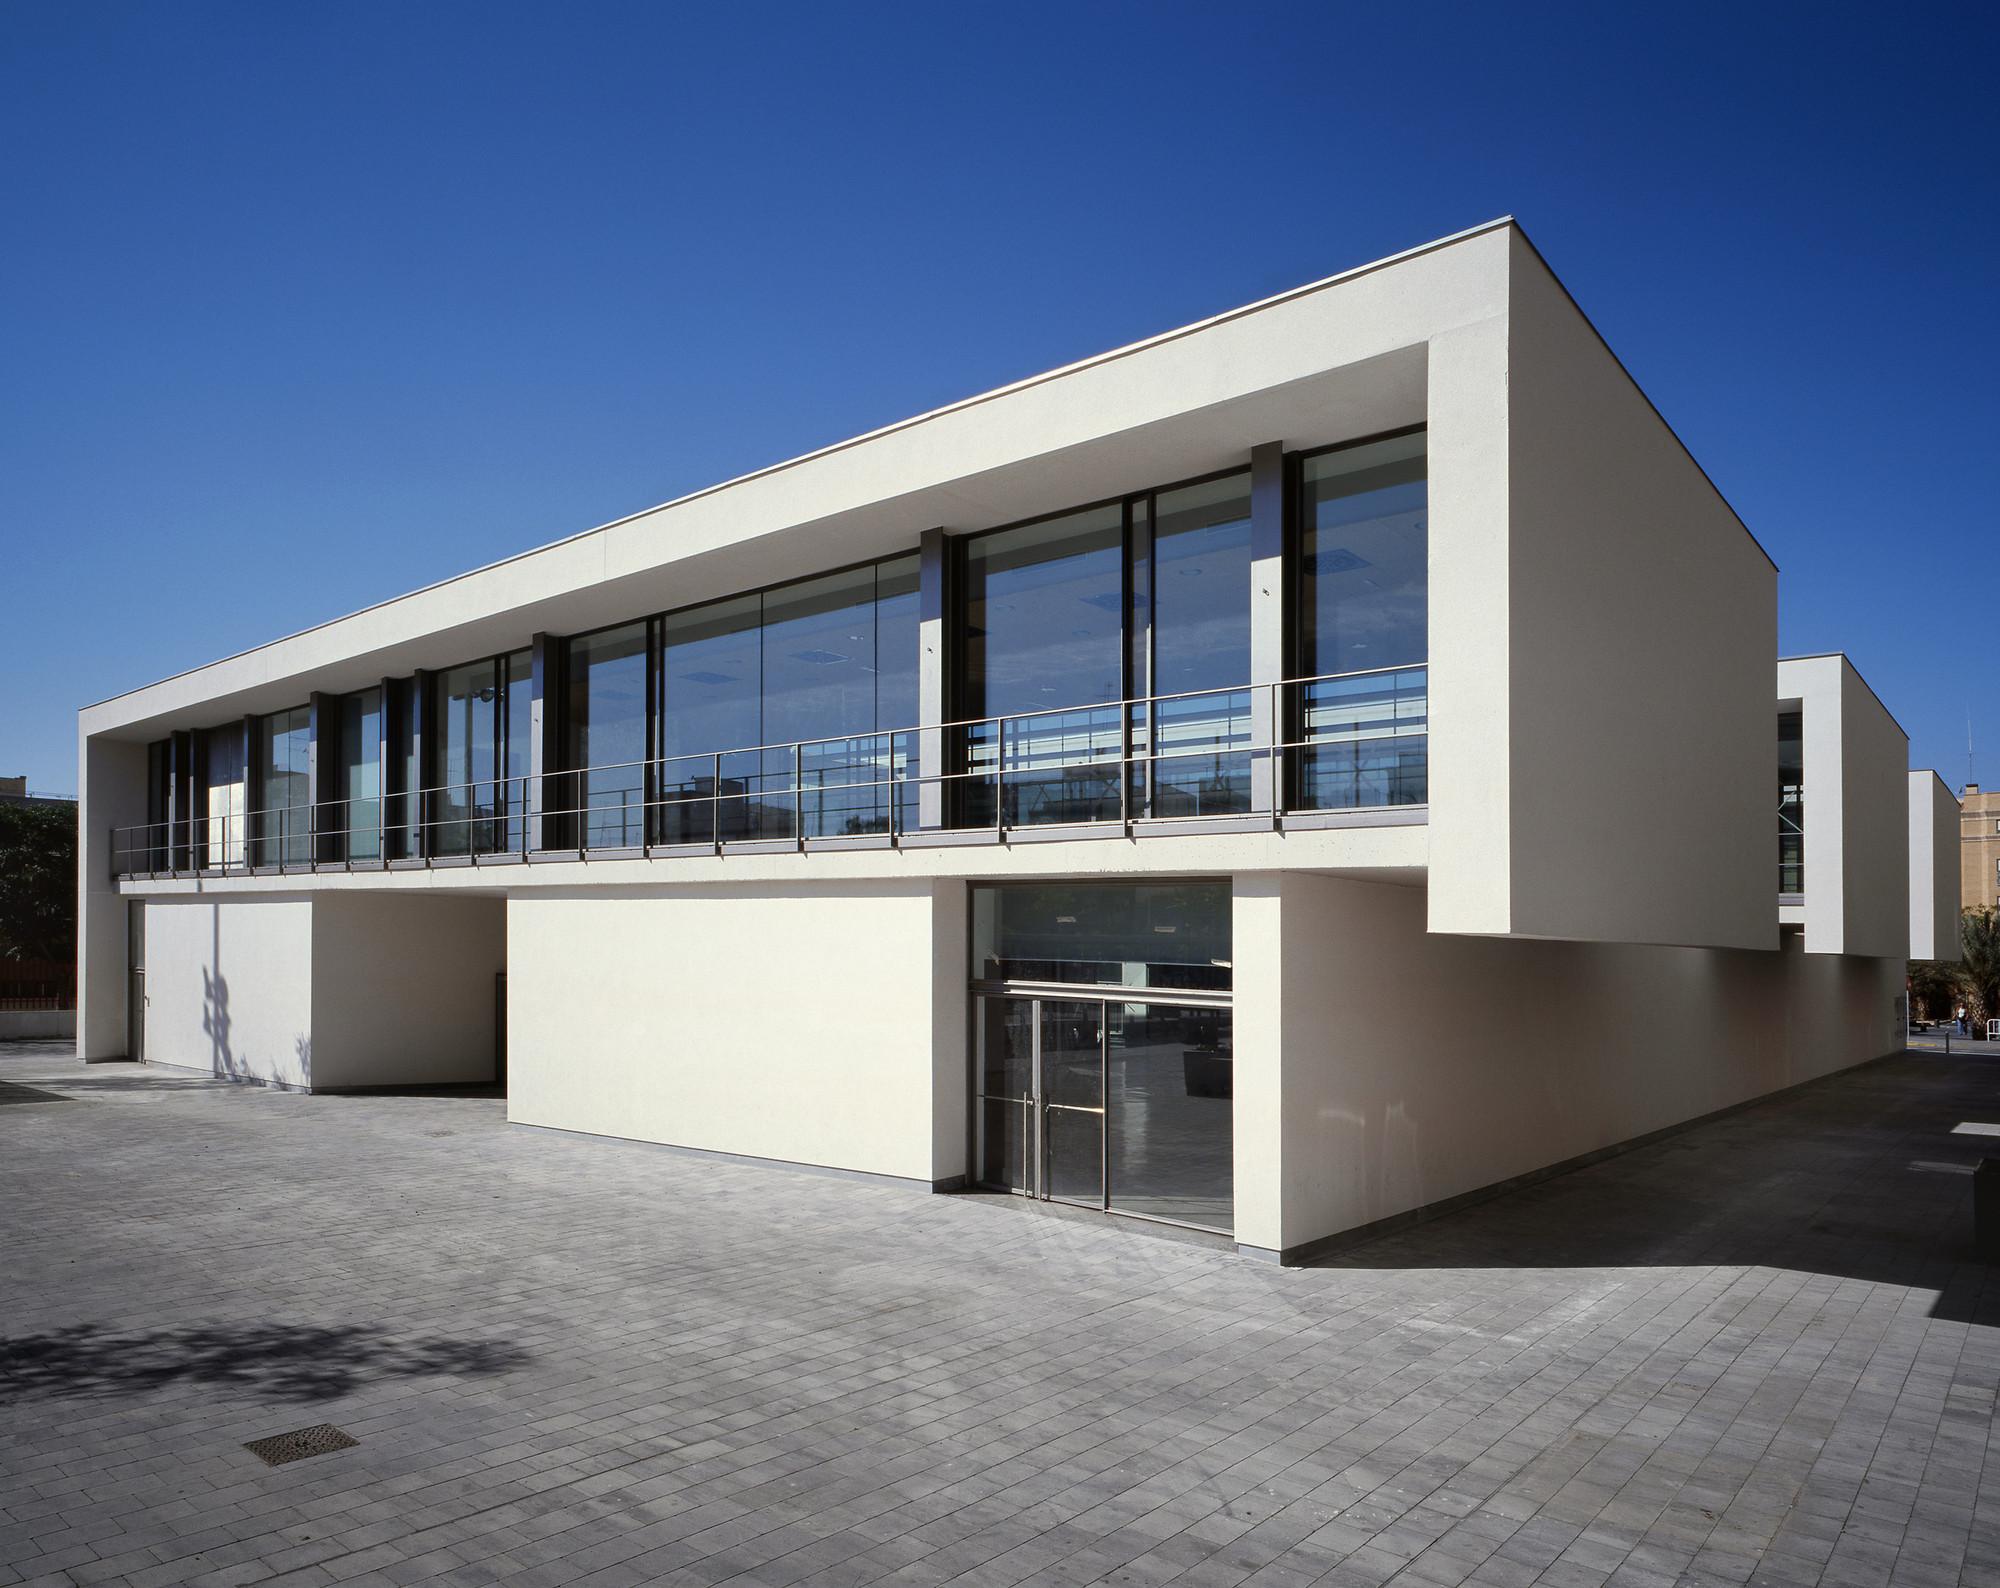 Fuster Arquitectos Oficina Plataforma Arquitectura # Muebles Paco Duque